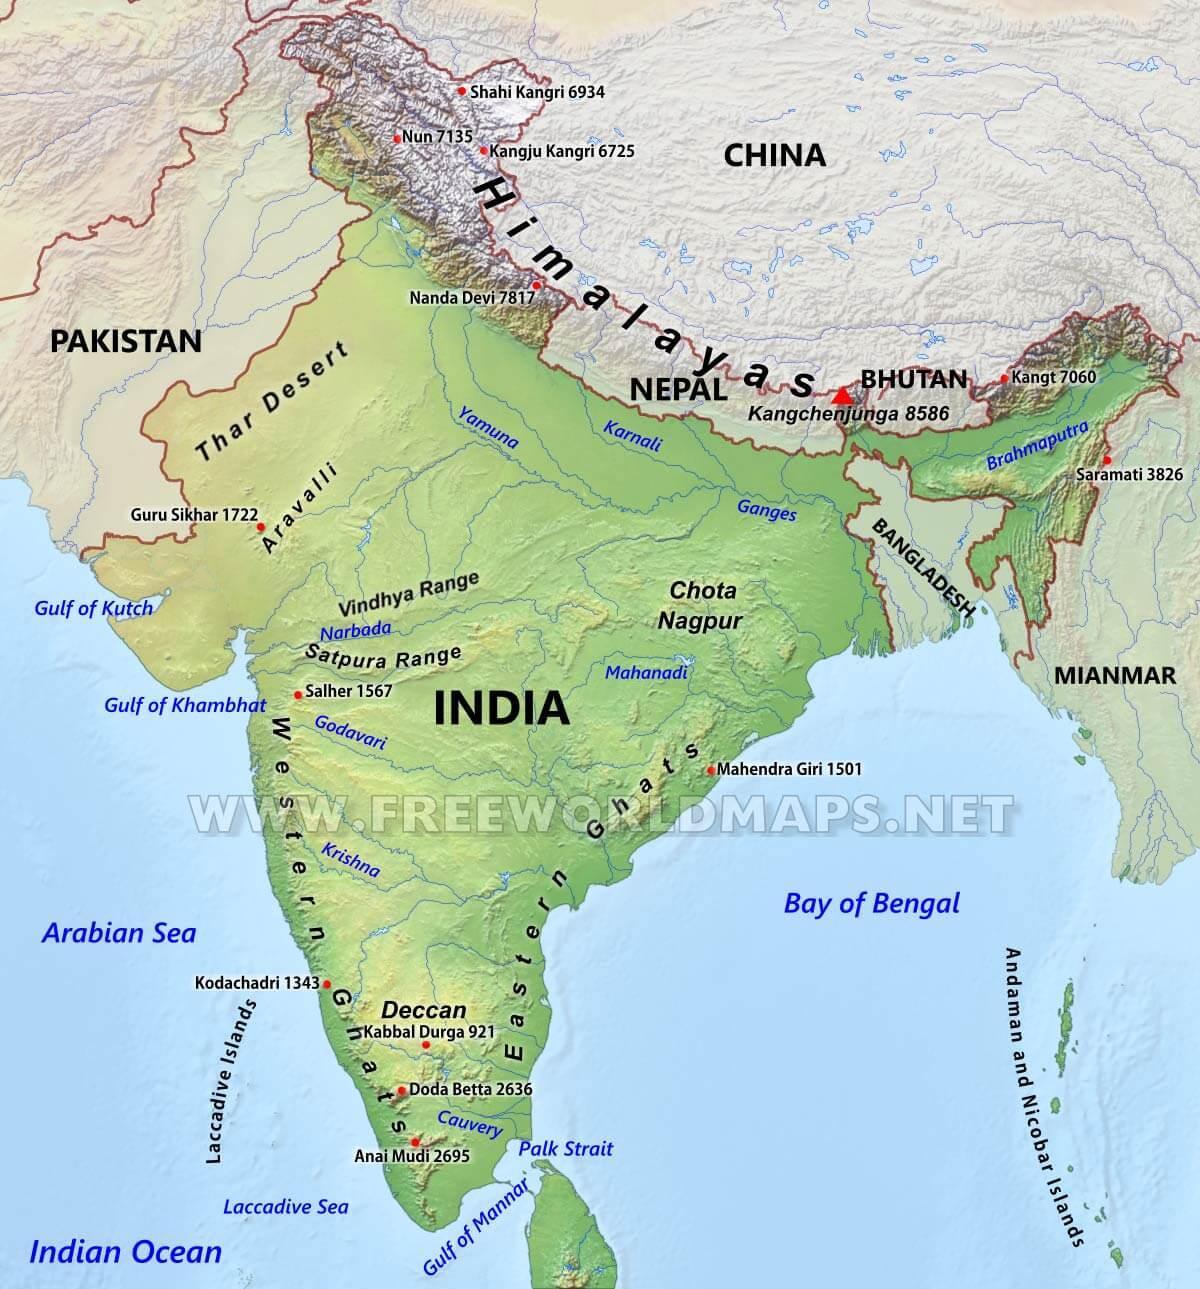 Südasien Karte.Bergketten Von Indien Karte Gebirge Karte Von Indien Südasien